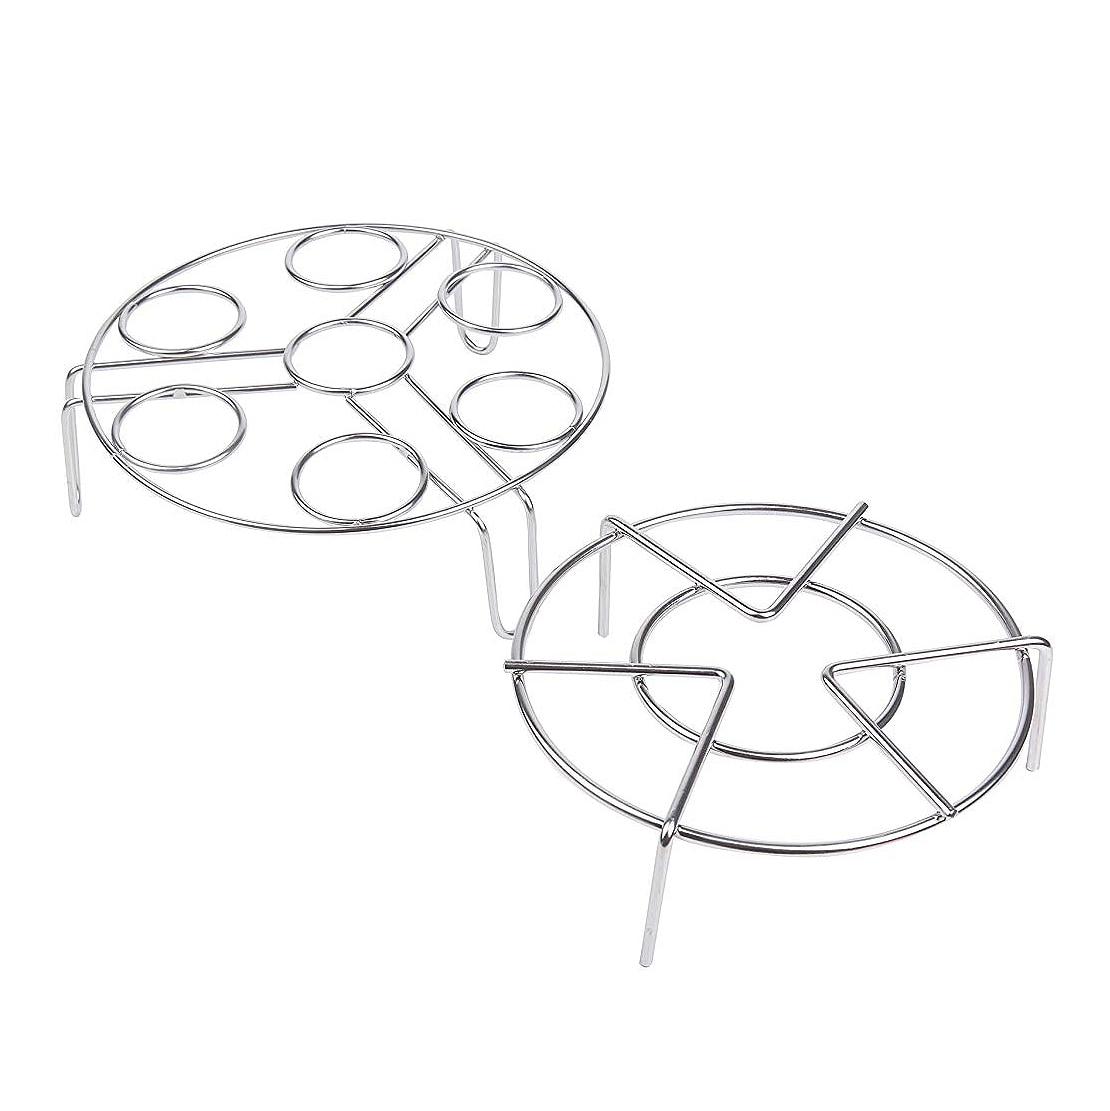 Stainless Steel Steamer Rack,Steamed Food Rack +Steamed Egg Racks (Egg Rack +Food Rack)